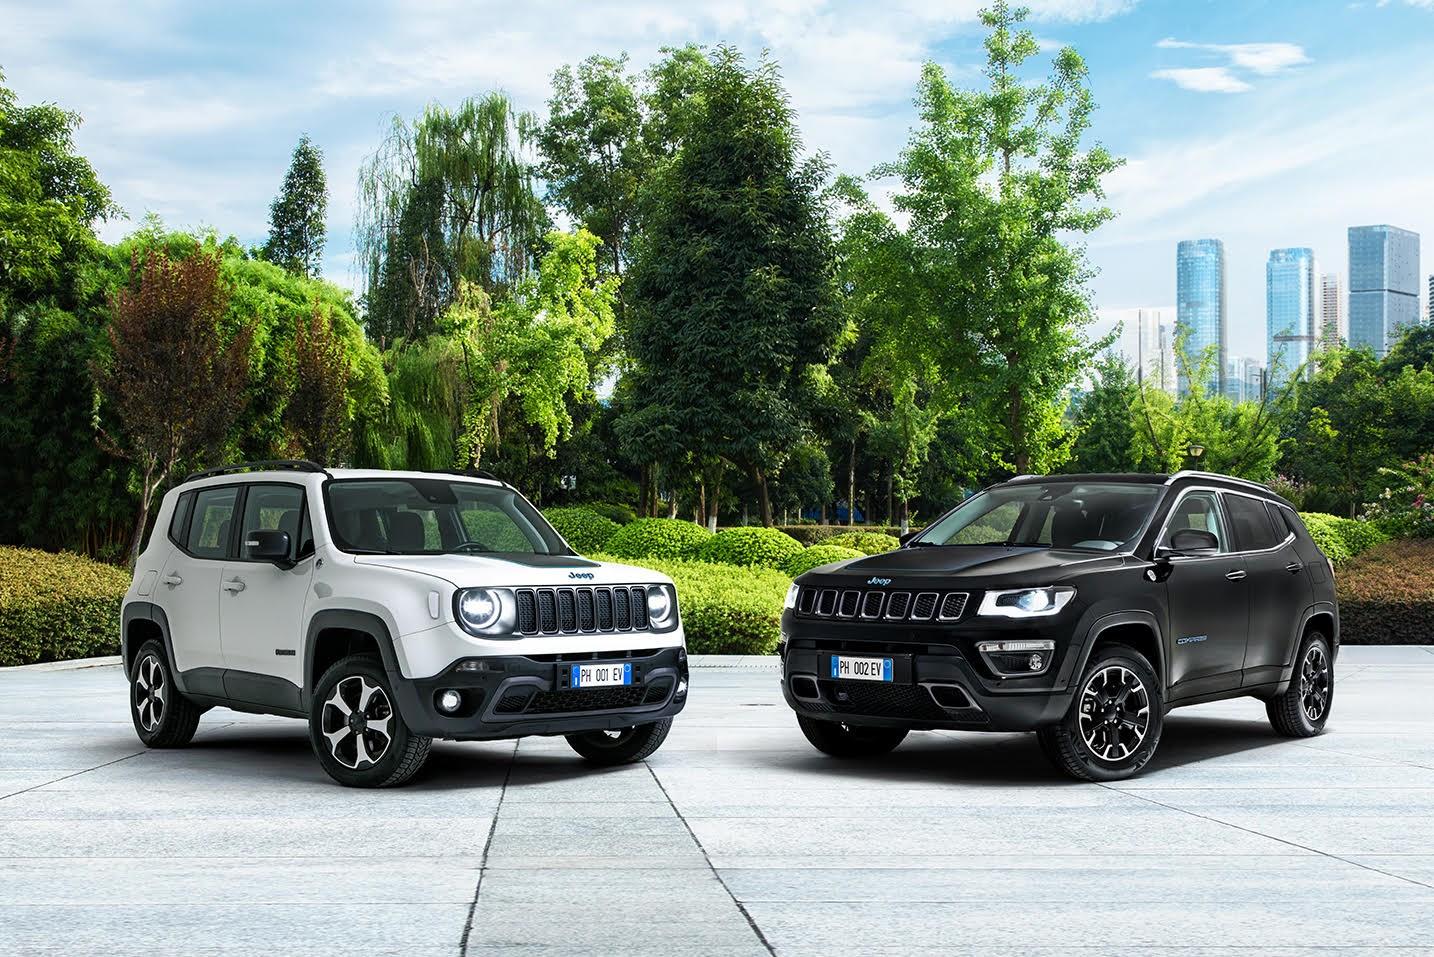 Jeep® Renegade en Compass 4xe 'First Edition': de nieuwe oplaadbare hybridemodellen (PHEV) van Jeep - Gent Motors